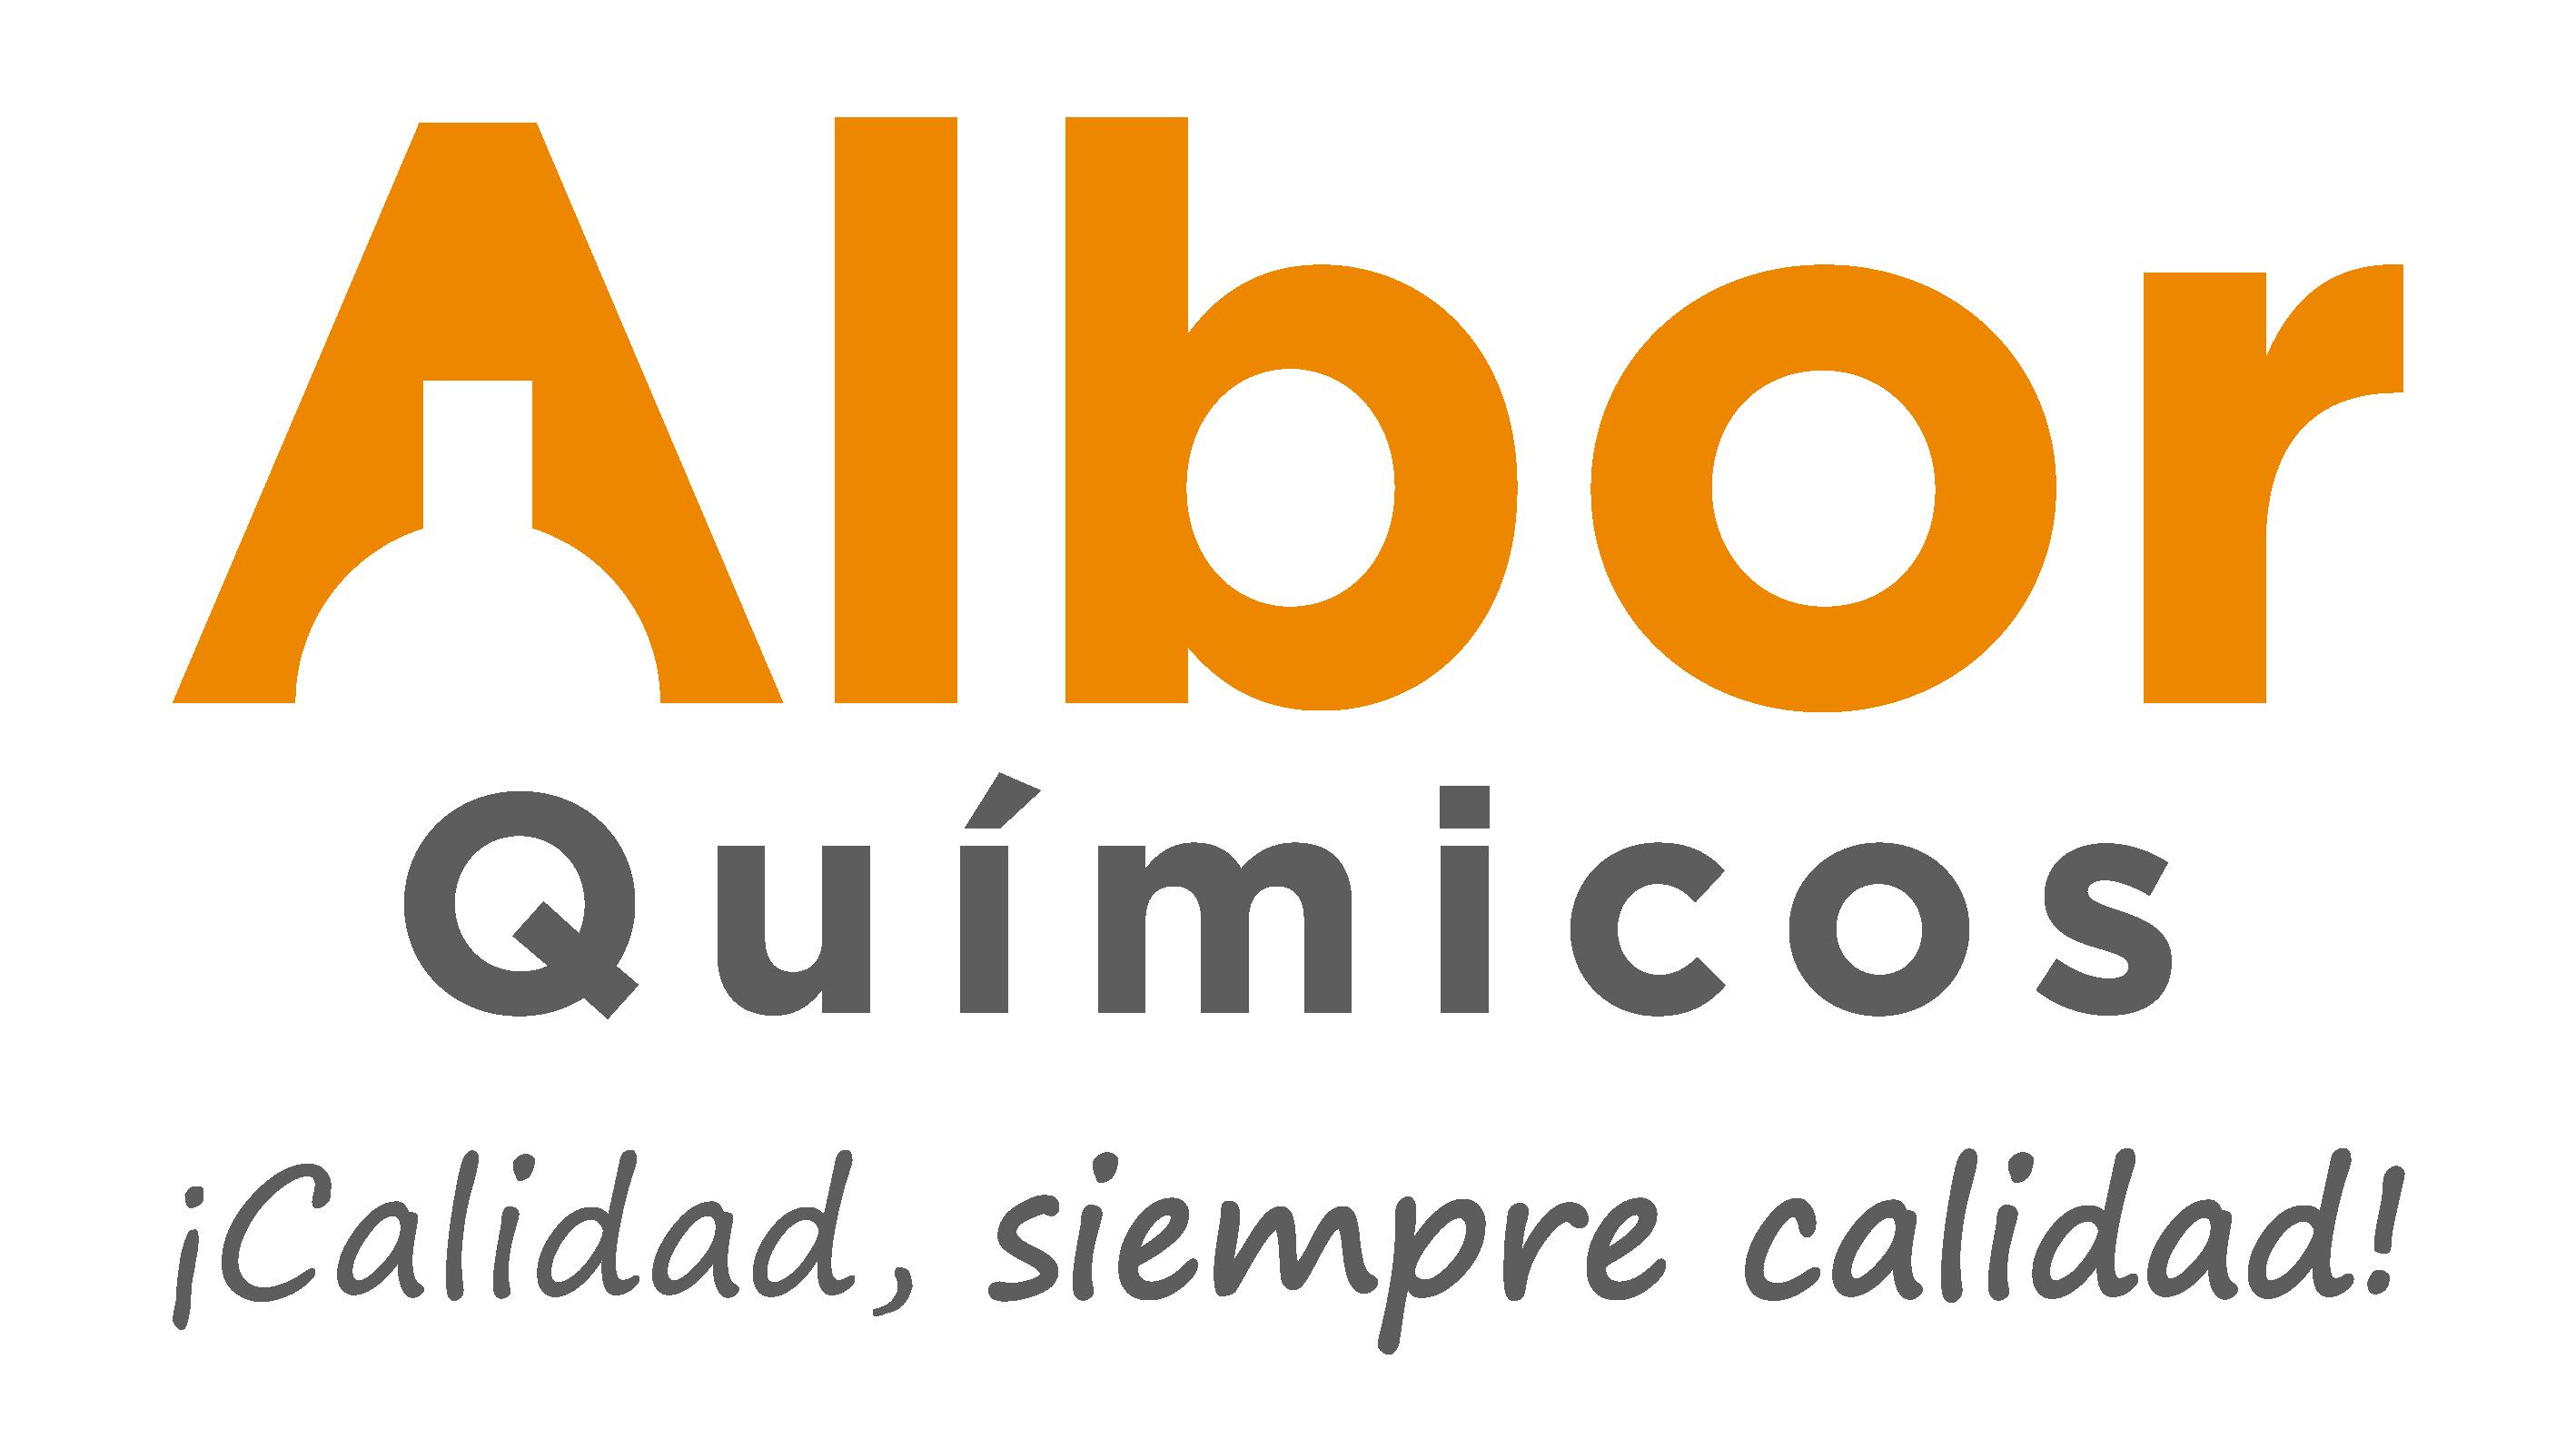 Quimicos Albor